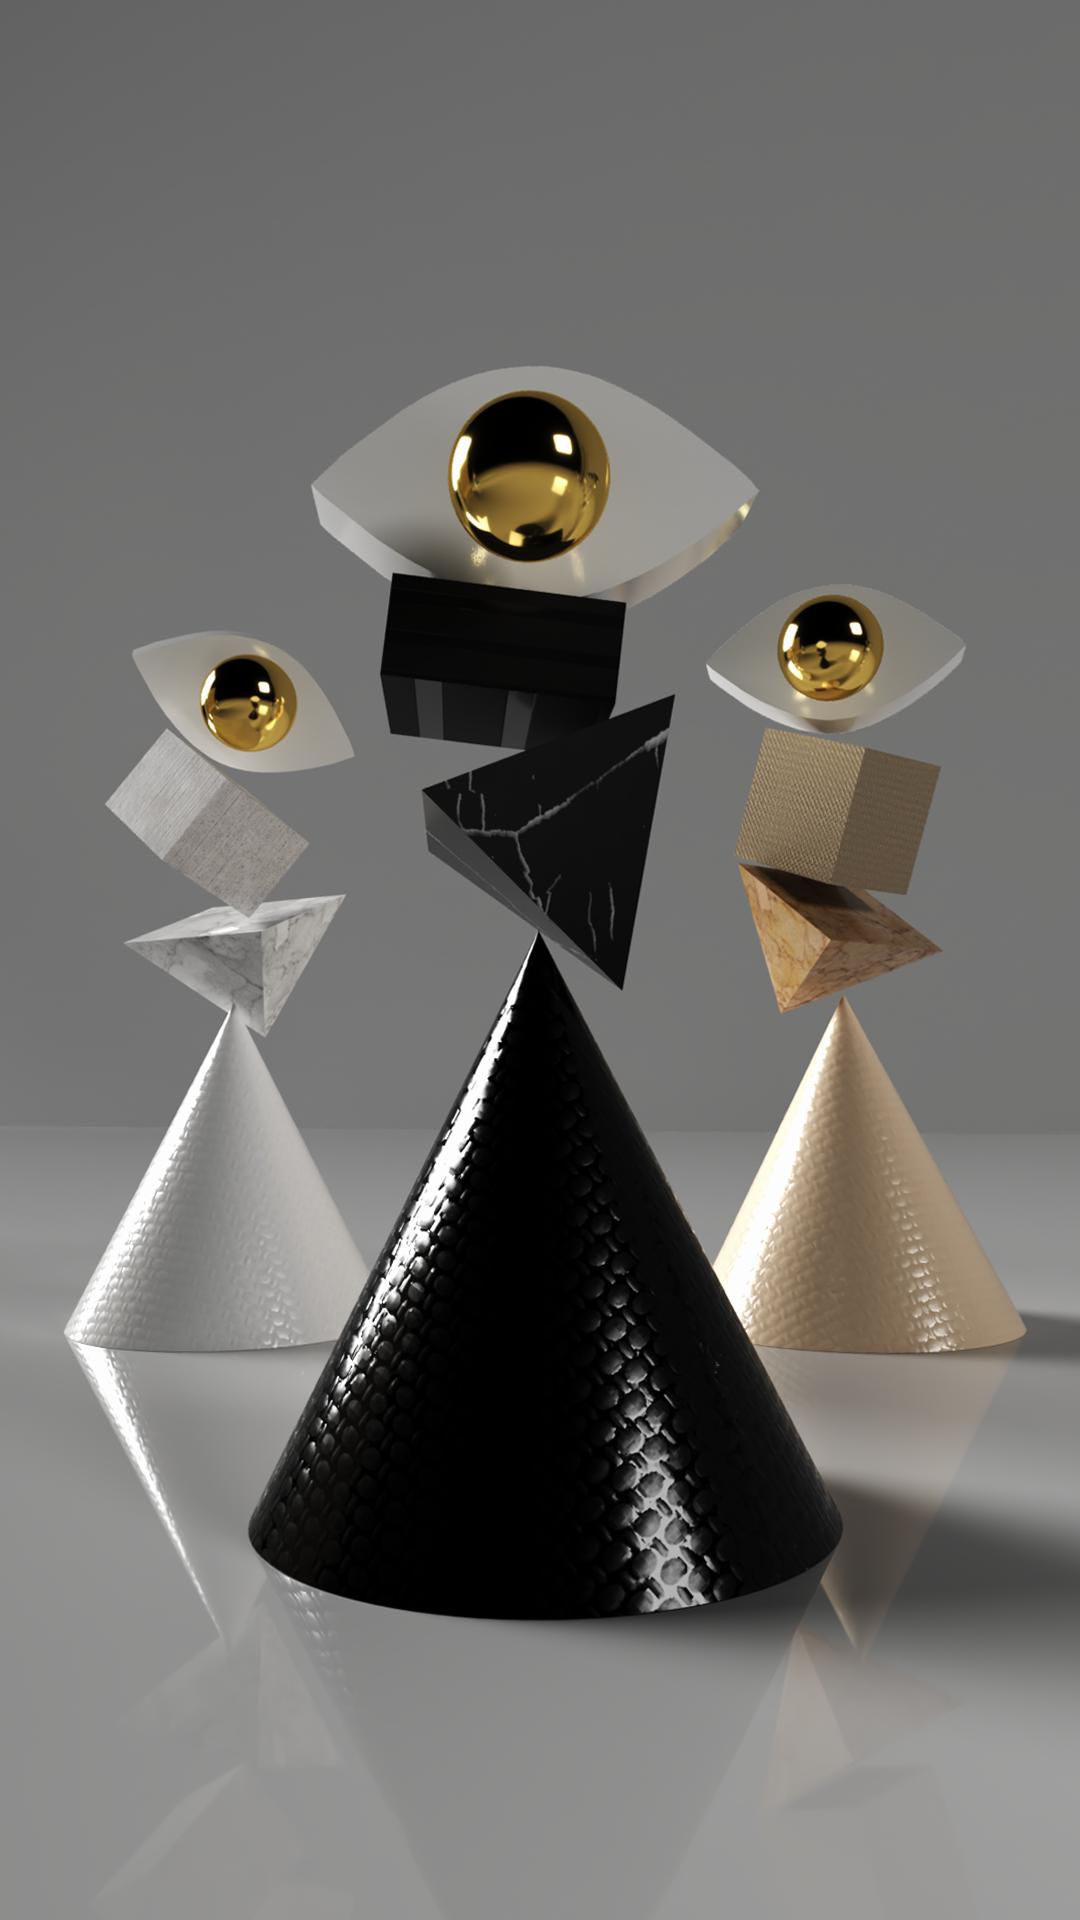 Art direction + design | Festival Artwork